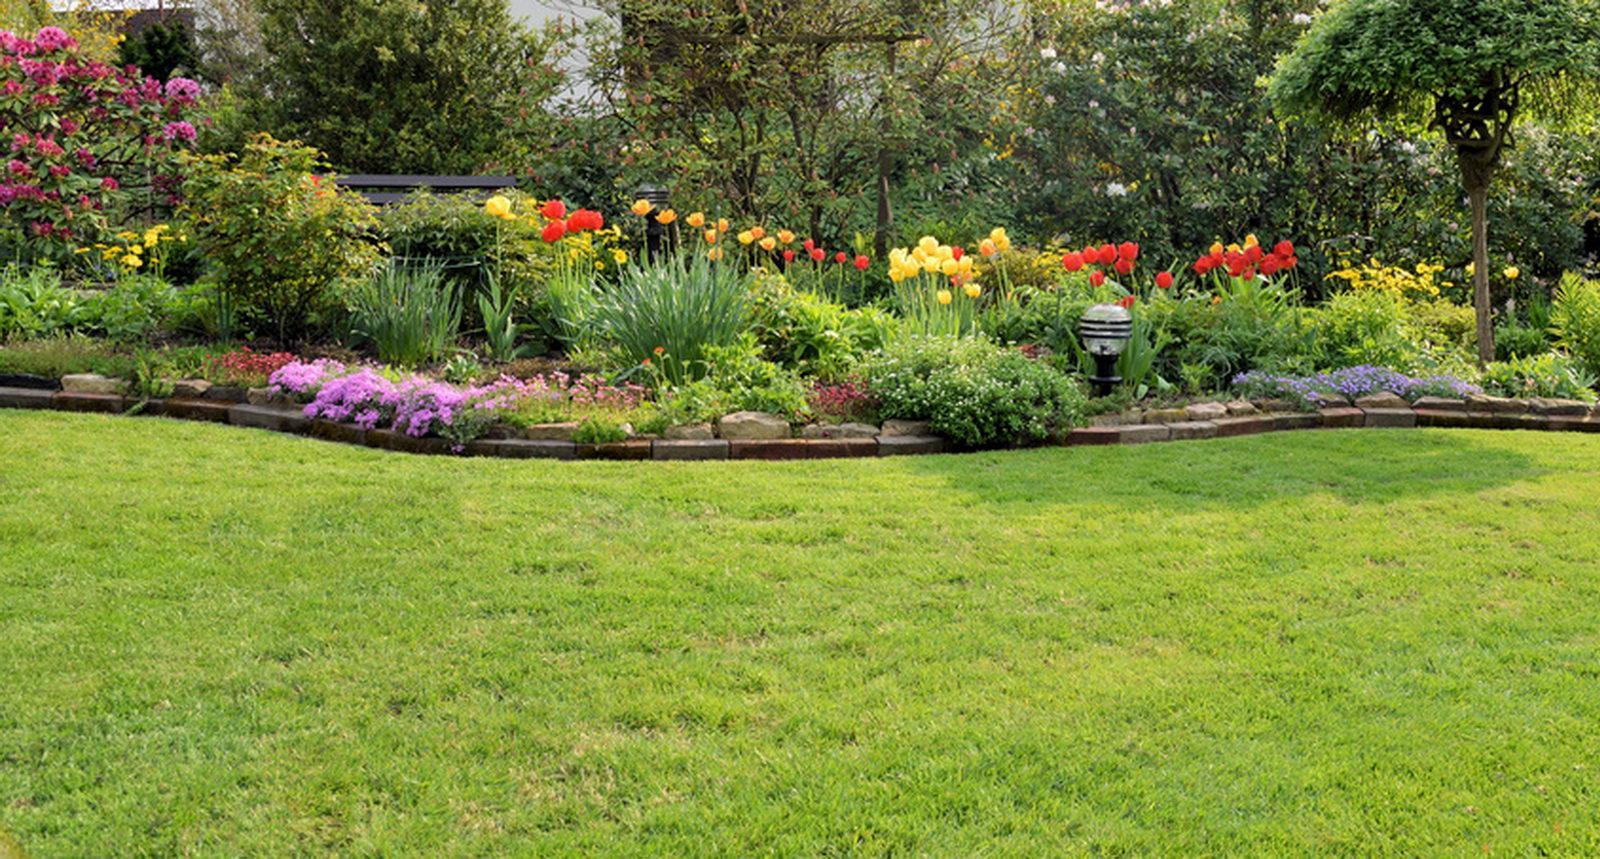 Les jardins de maxime maxime grogna genval entretien for Entretien jardin villeneuve les avignon